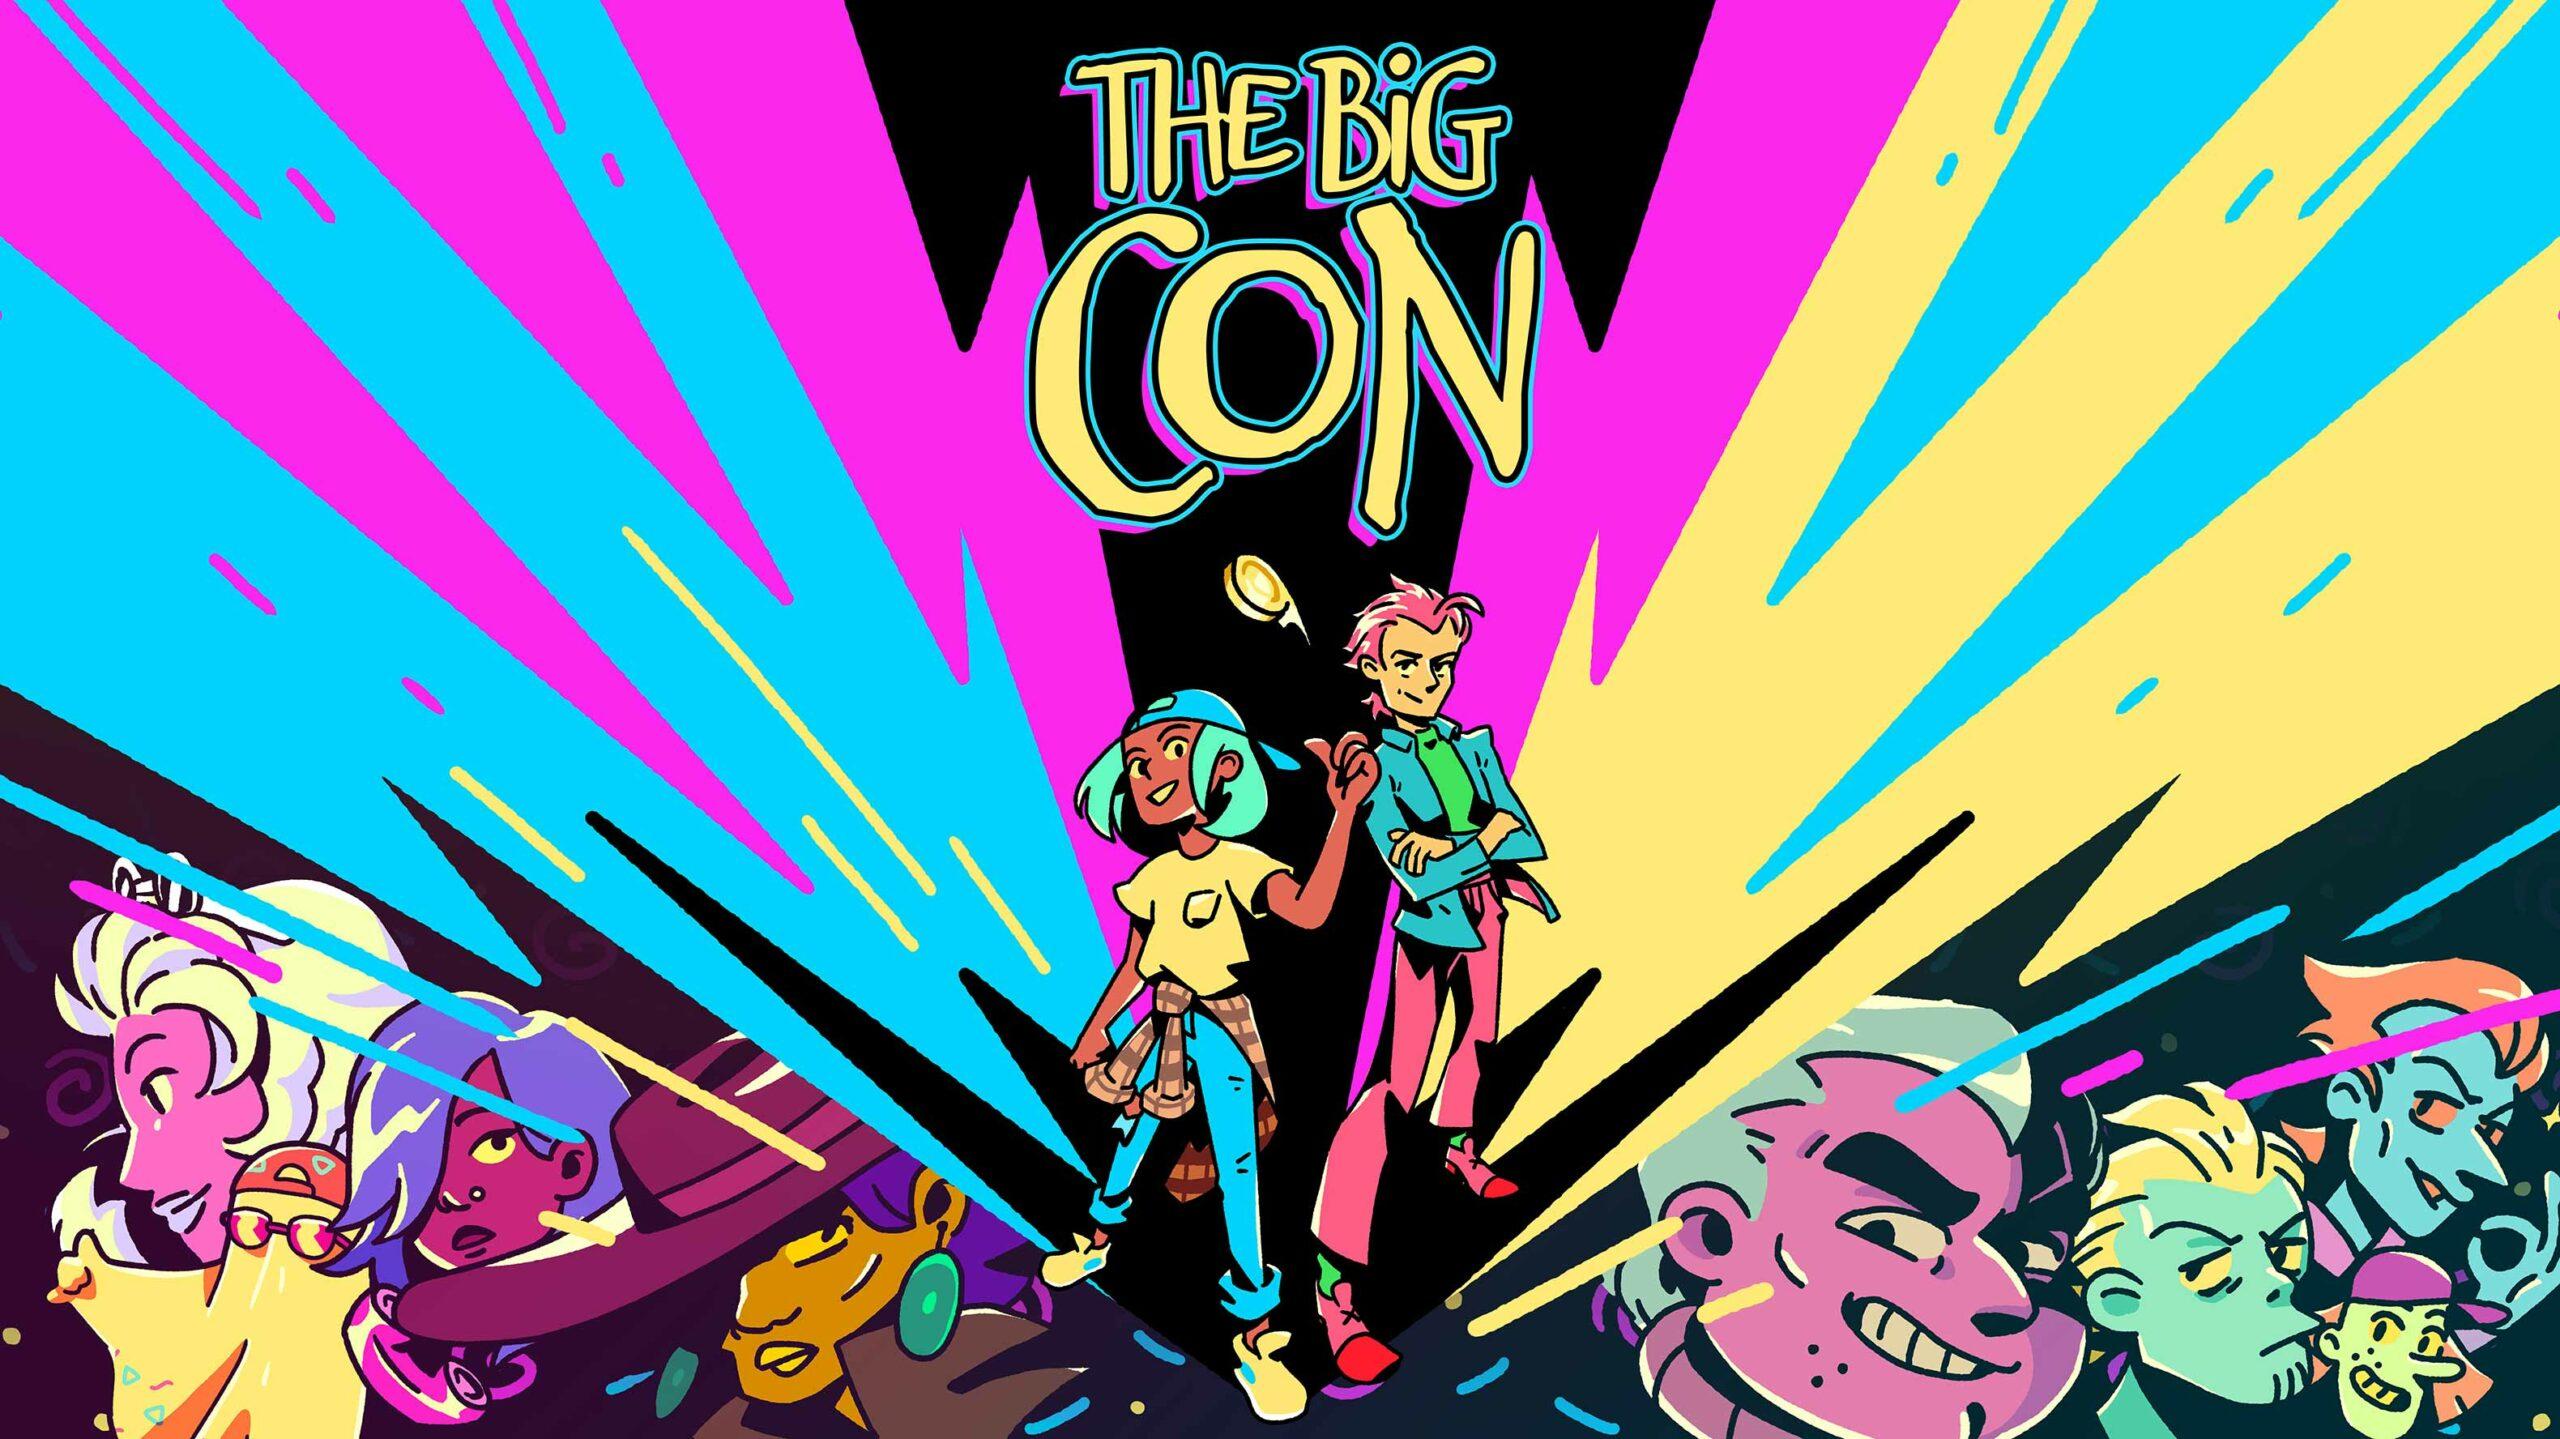 The Big Con header